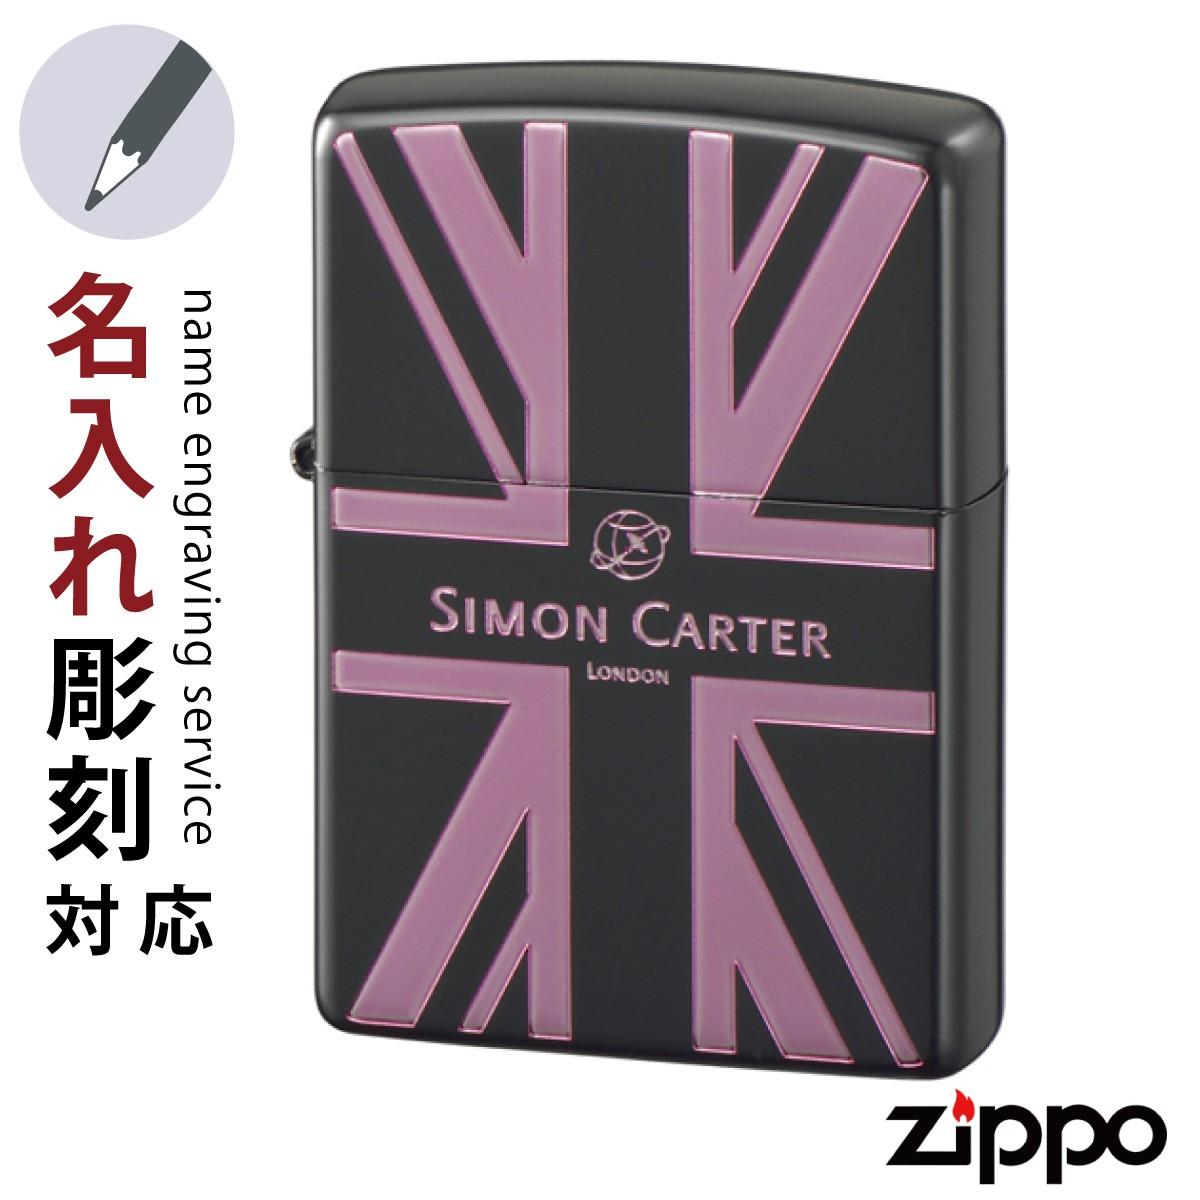 zippo 名入れ ジッポー ライター サイモン・カーターSCP011ユニオンジャックパープル 名入れ ギフト オイルライター ジッポライター ギフト プレゼント 彼氏 男性 メンズ